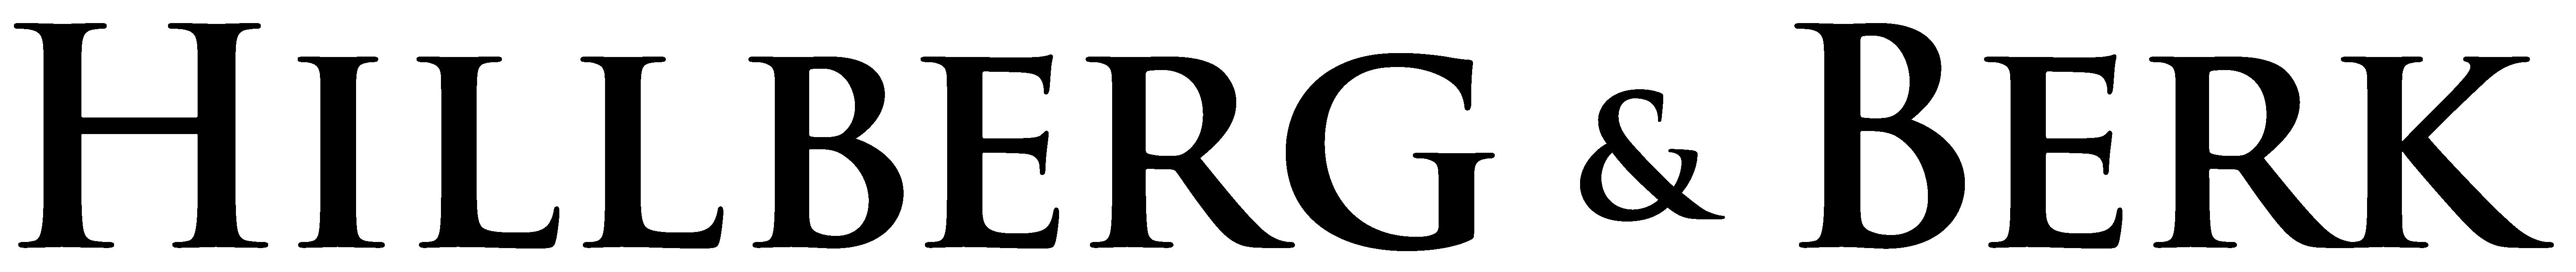 Hillberg&Berk_text logo_Black